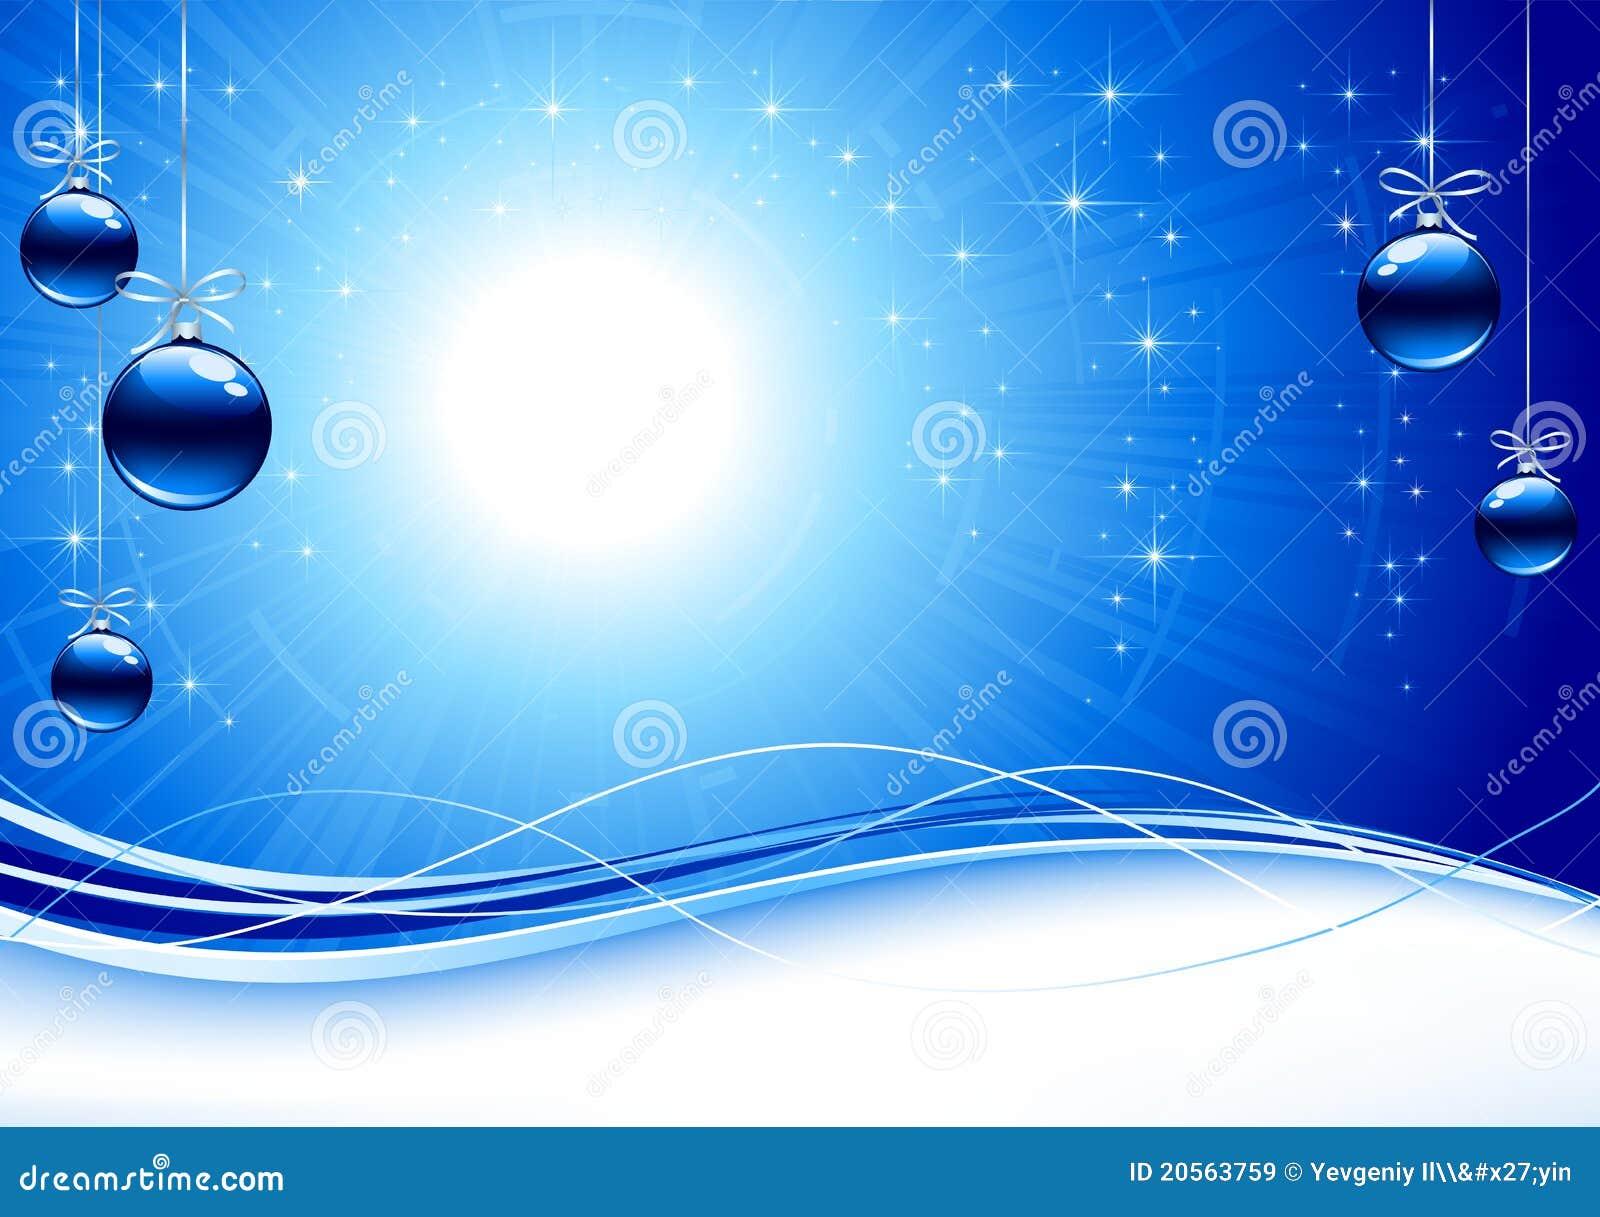 Hintergrund mit blauen weihnachtskugeln lizenzfreie for Christbaumkugeln blau